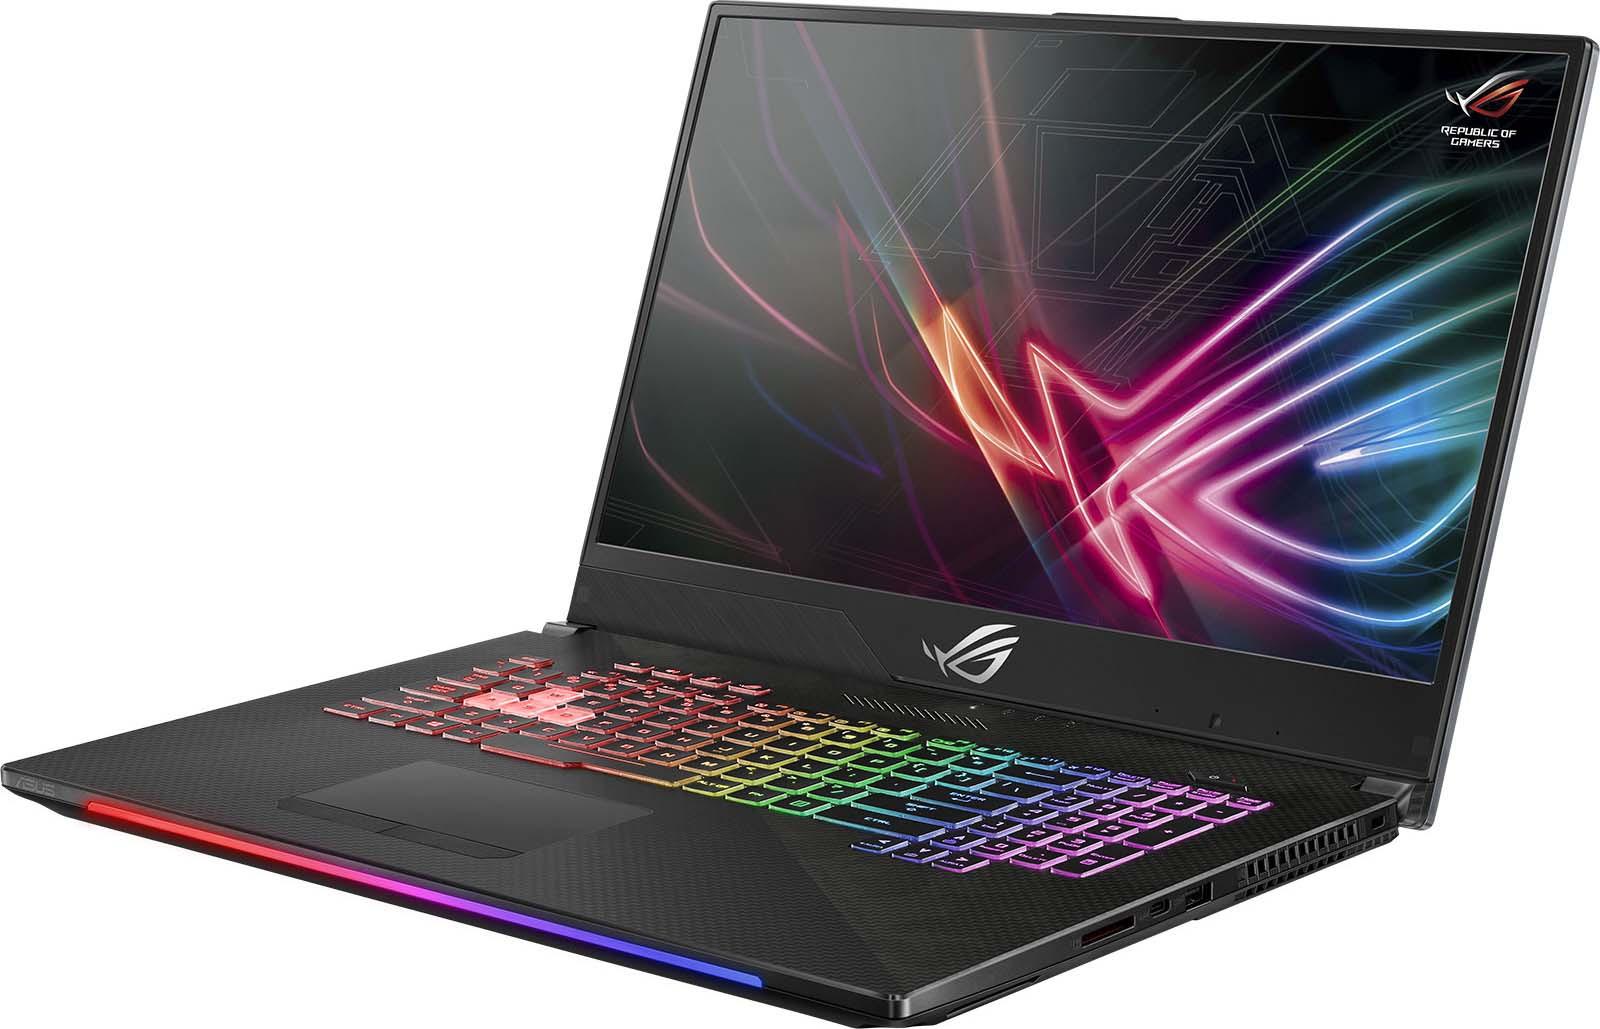 15.6 Игровой ноутбук ASUS ROG GL504GV 90NR01X1-M02090, черный смартфон asus rog phone zs600kl 512gb black